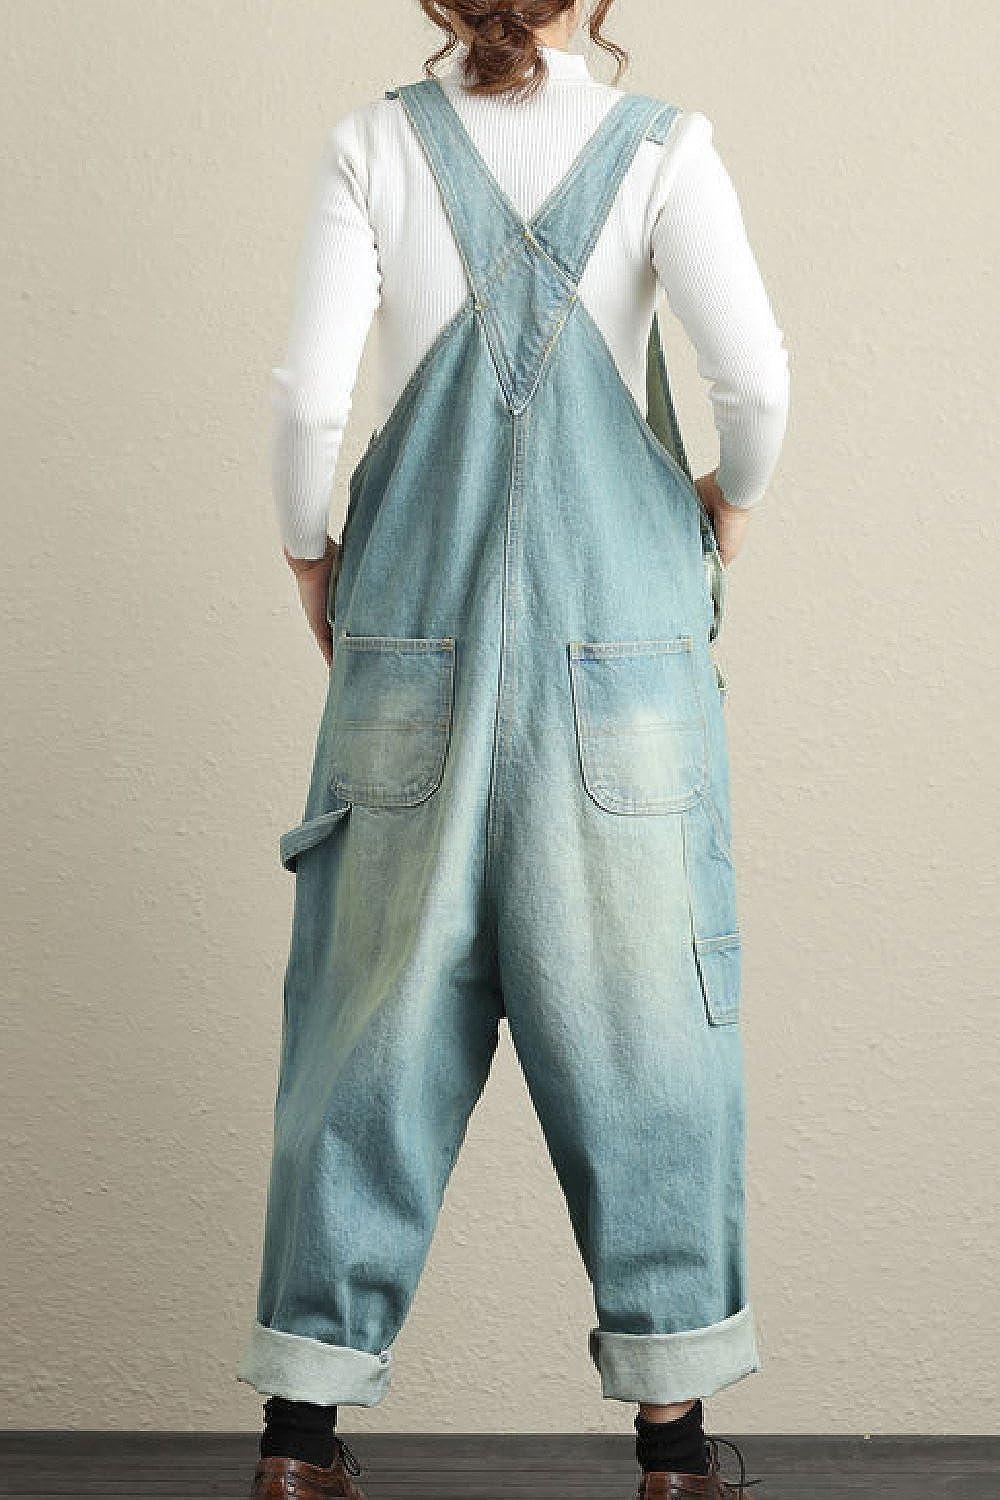 Vepodrau Le Donne Salopette di Jeans Sformati Occasionale Jeans Strappati Tute Gamba Larga Rompers